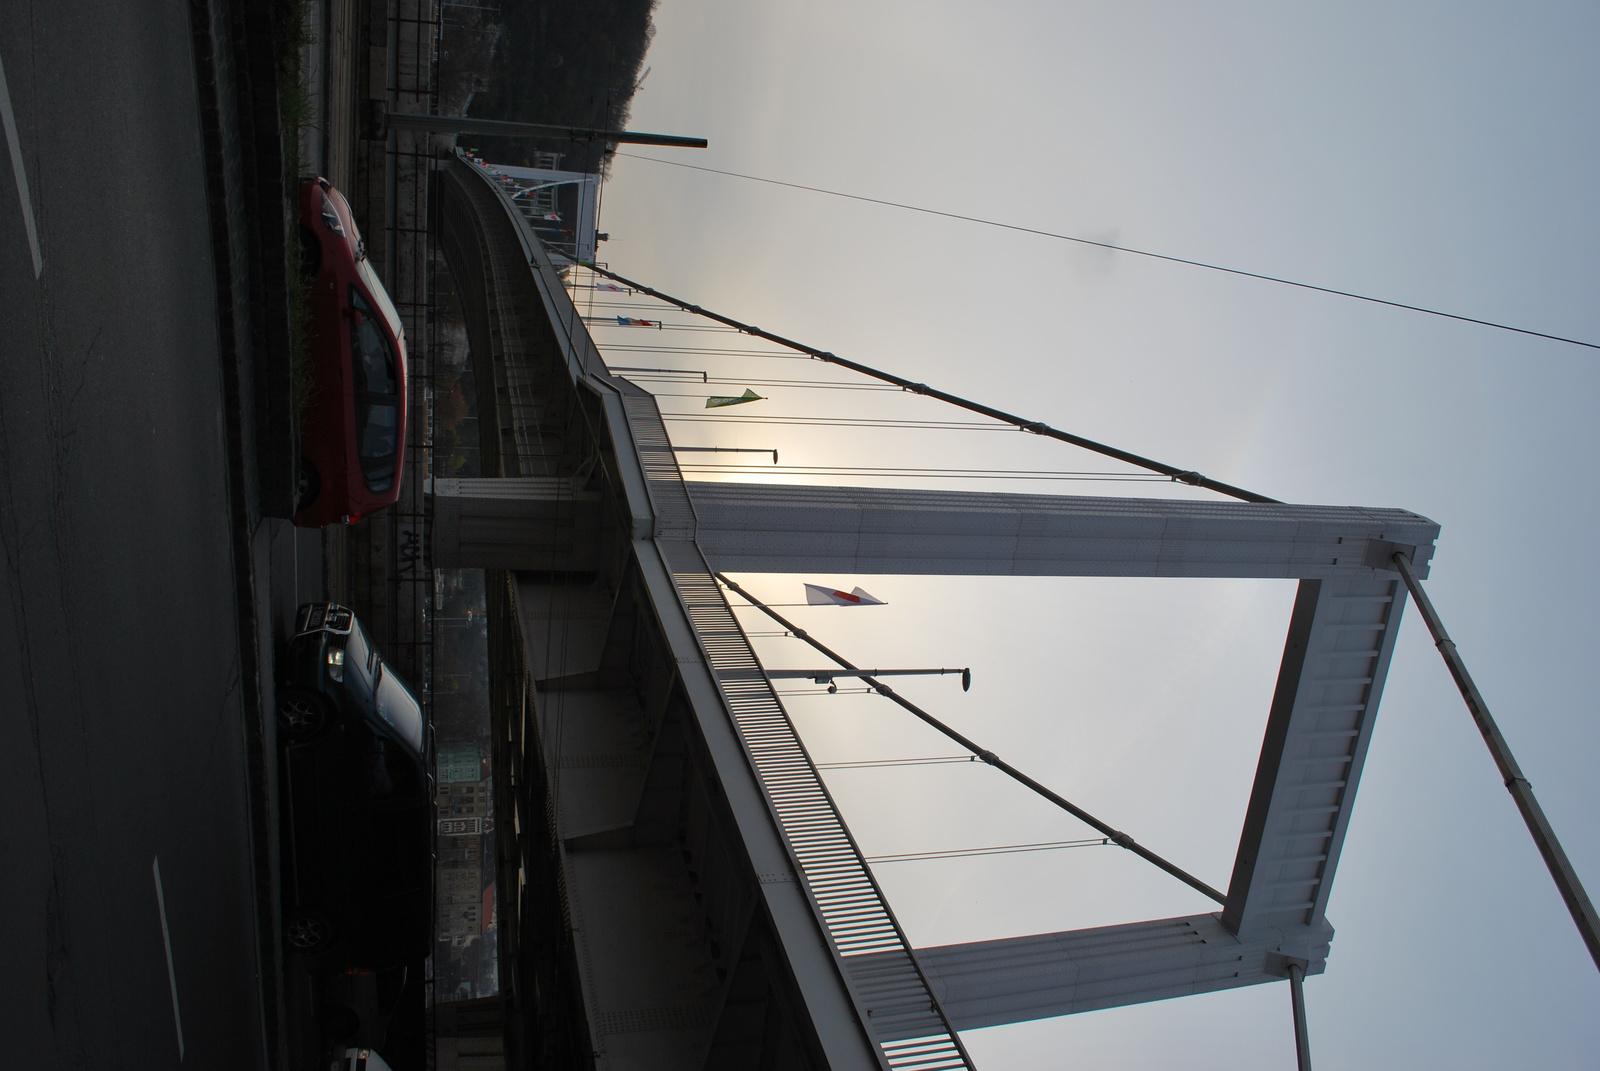 DSC 0620 Erzsébet híd